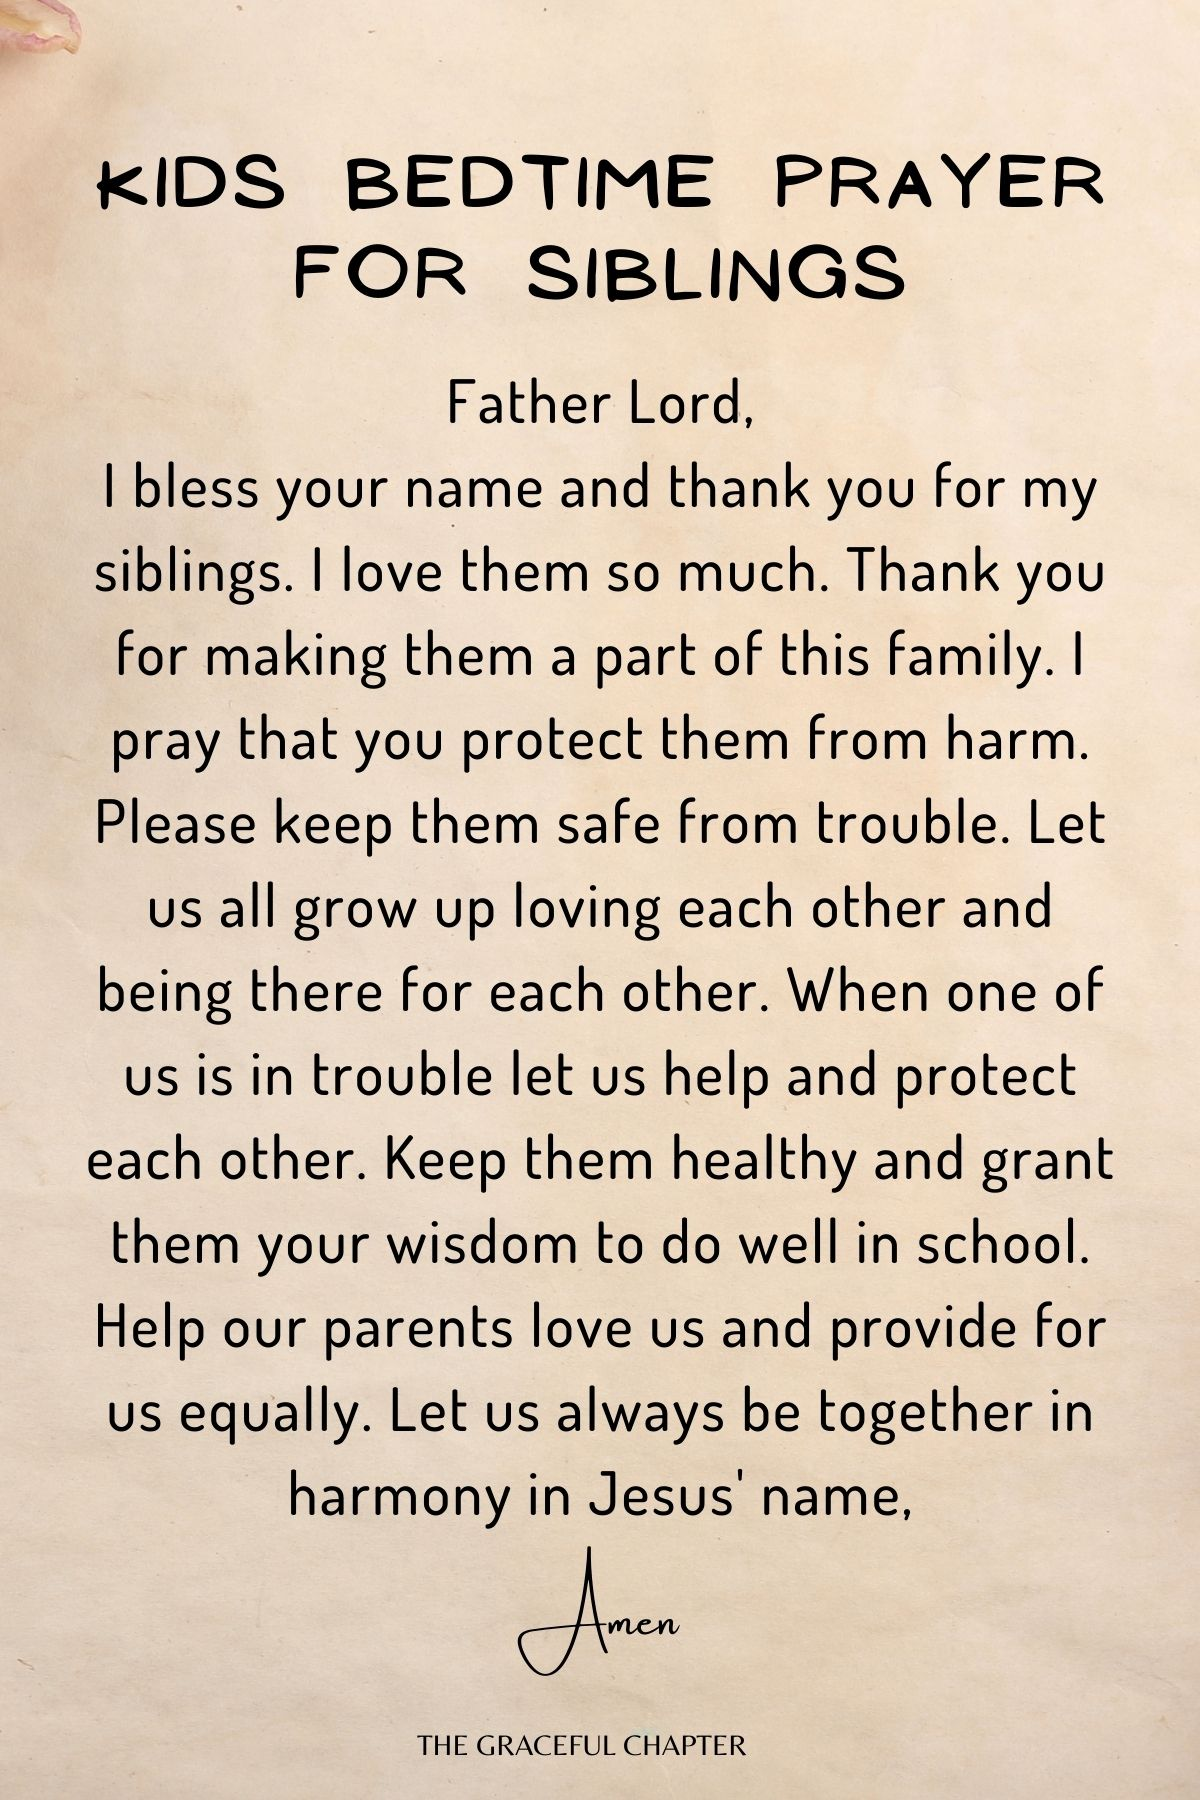 Kids bedtime prayer for siblings